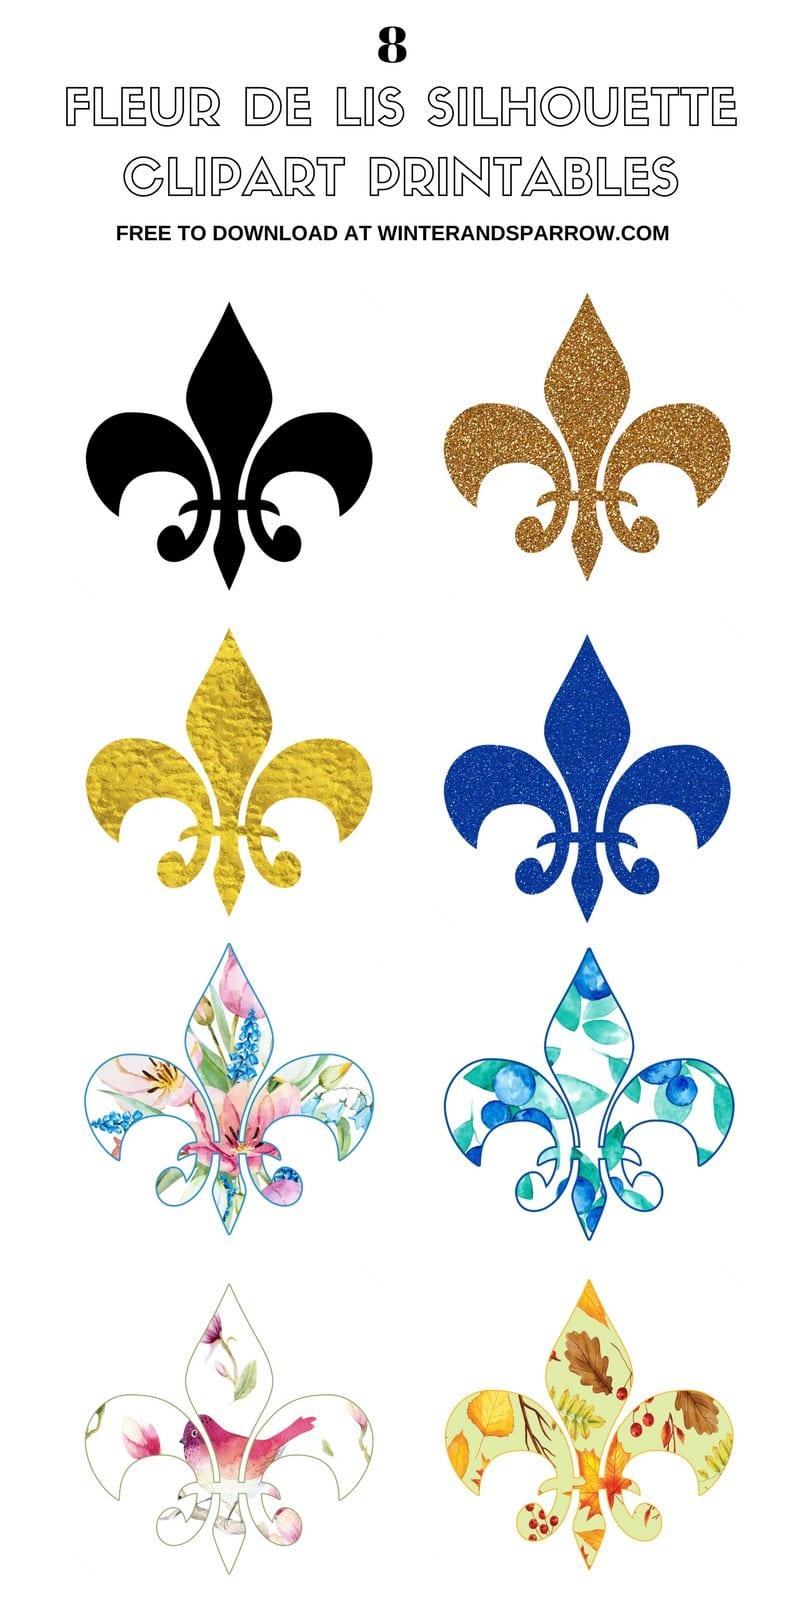 picture relating to Fleur De Lis Printable named The Background of Fleur de Lis + 8 Cost-free Fleur de Lis Silhouette